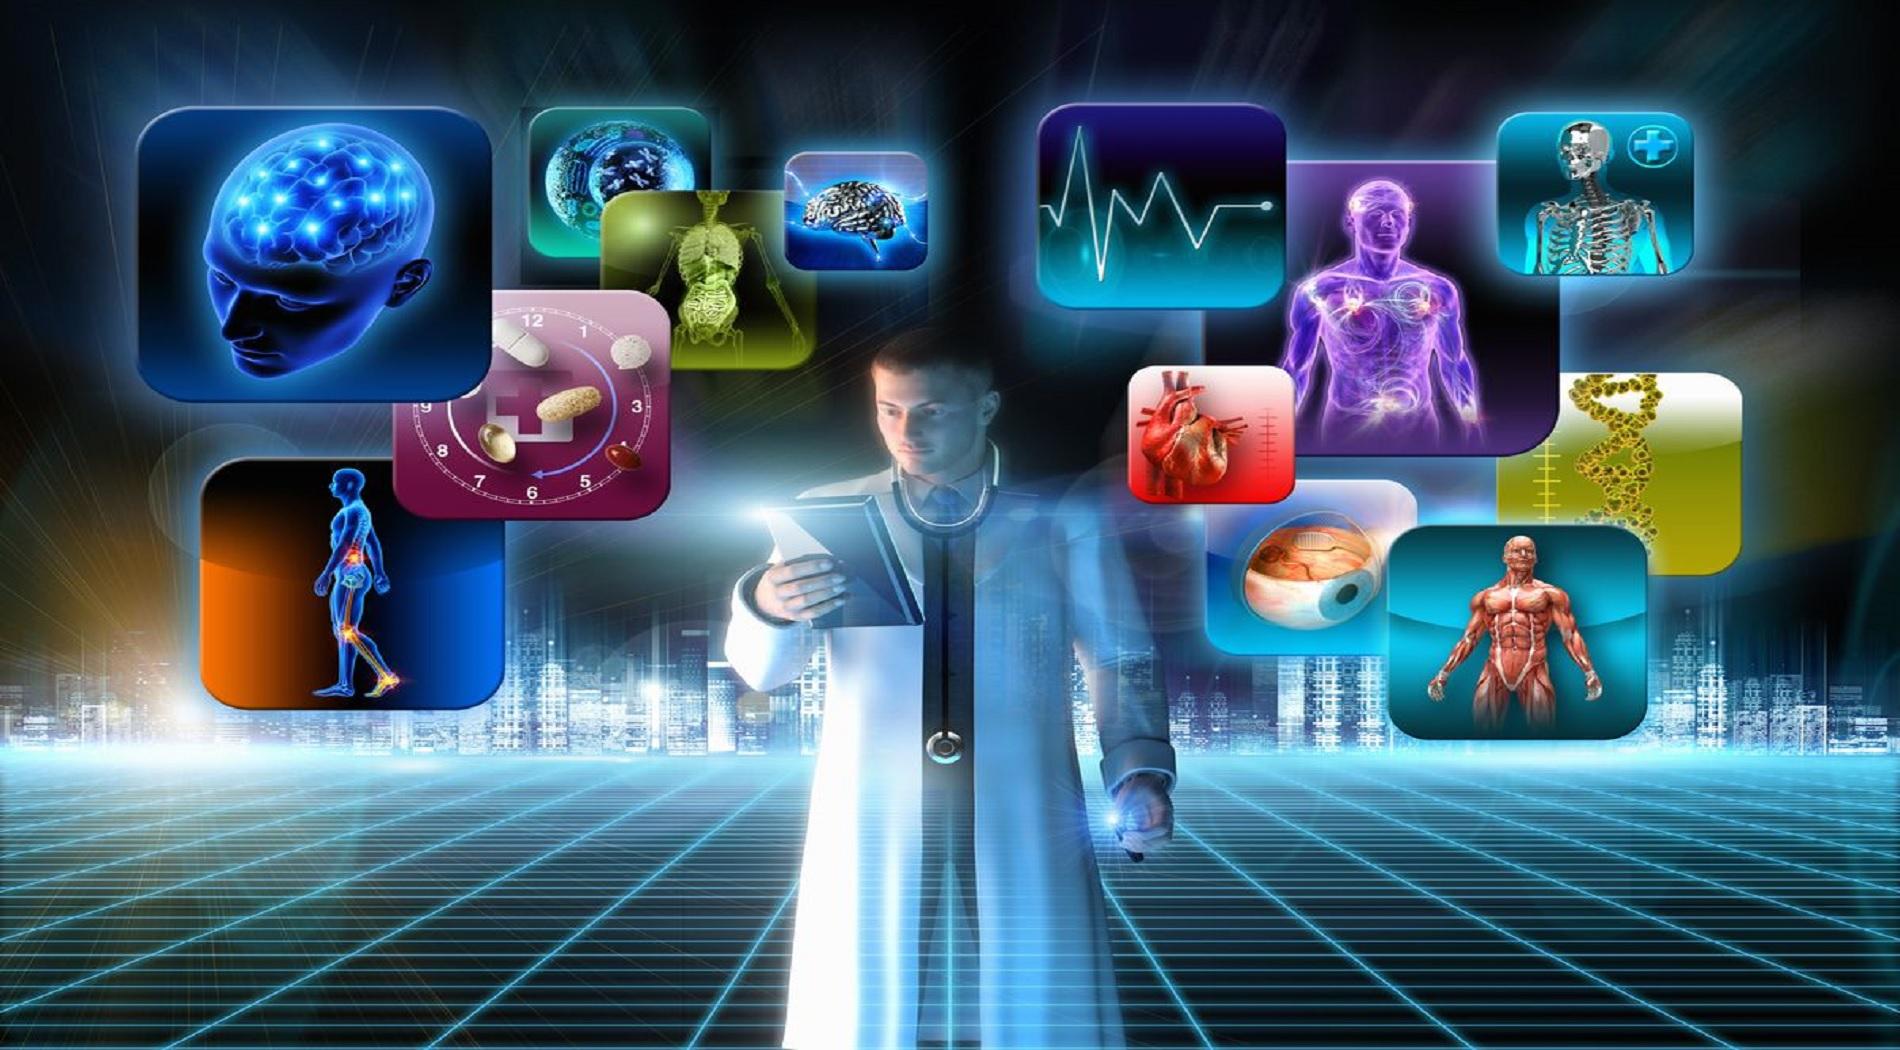 Πως οι αλγόριθμοι βελτιώνουν τις υπηρεσίες υγείας